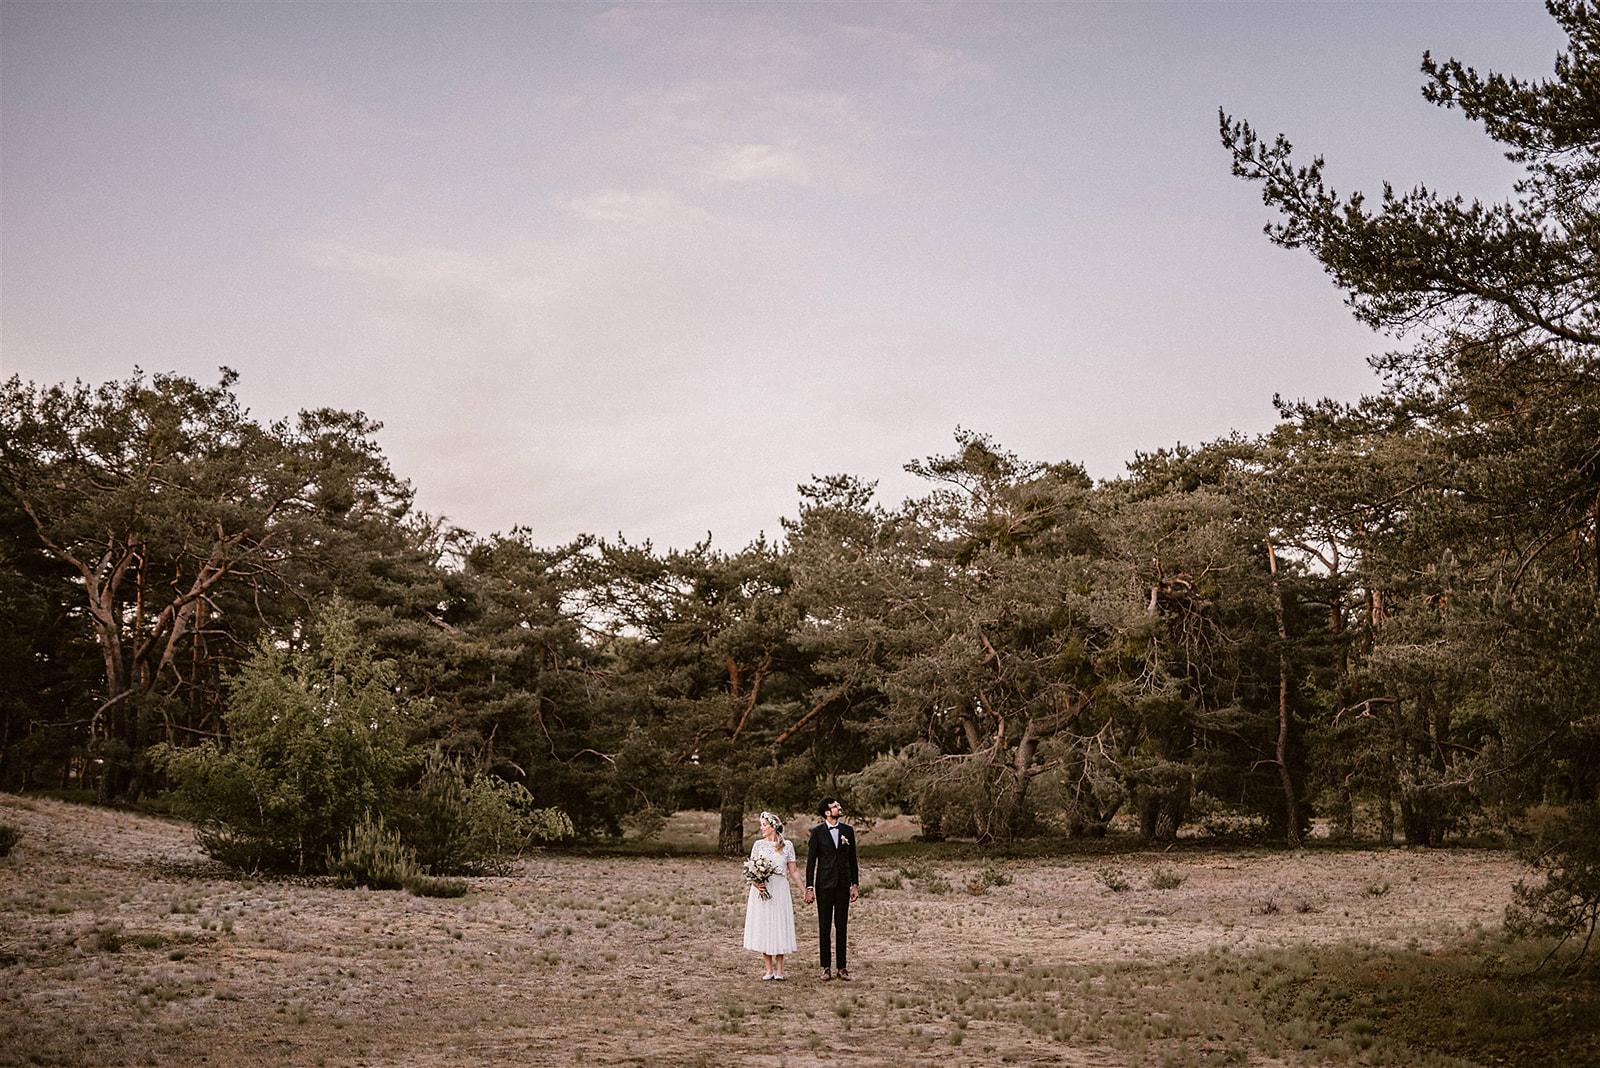 Brautpaar händchenhaltend auf Feld vor Bäumen